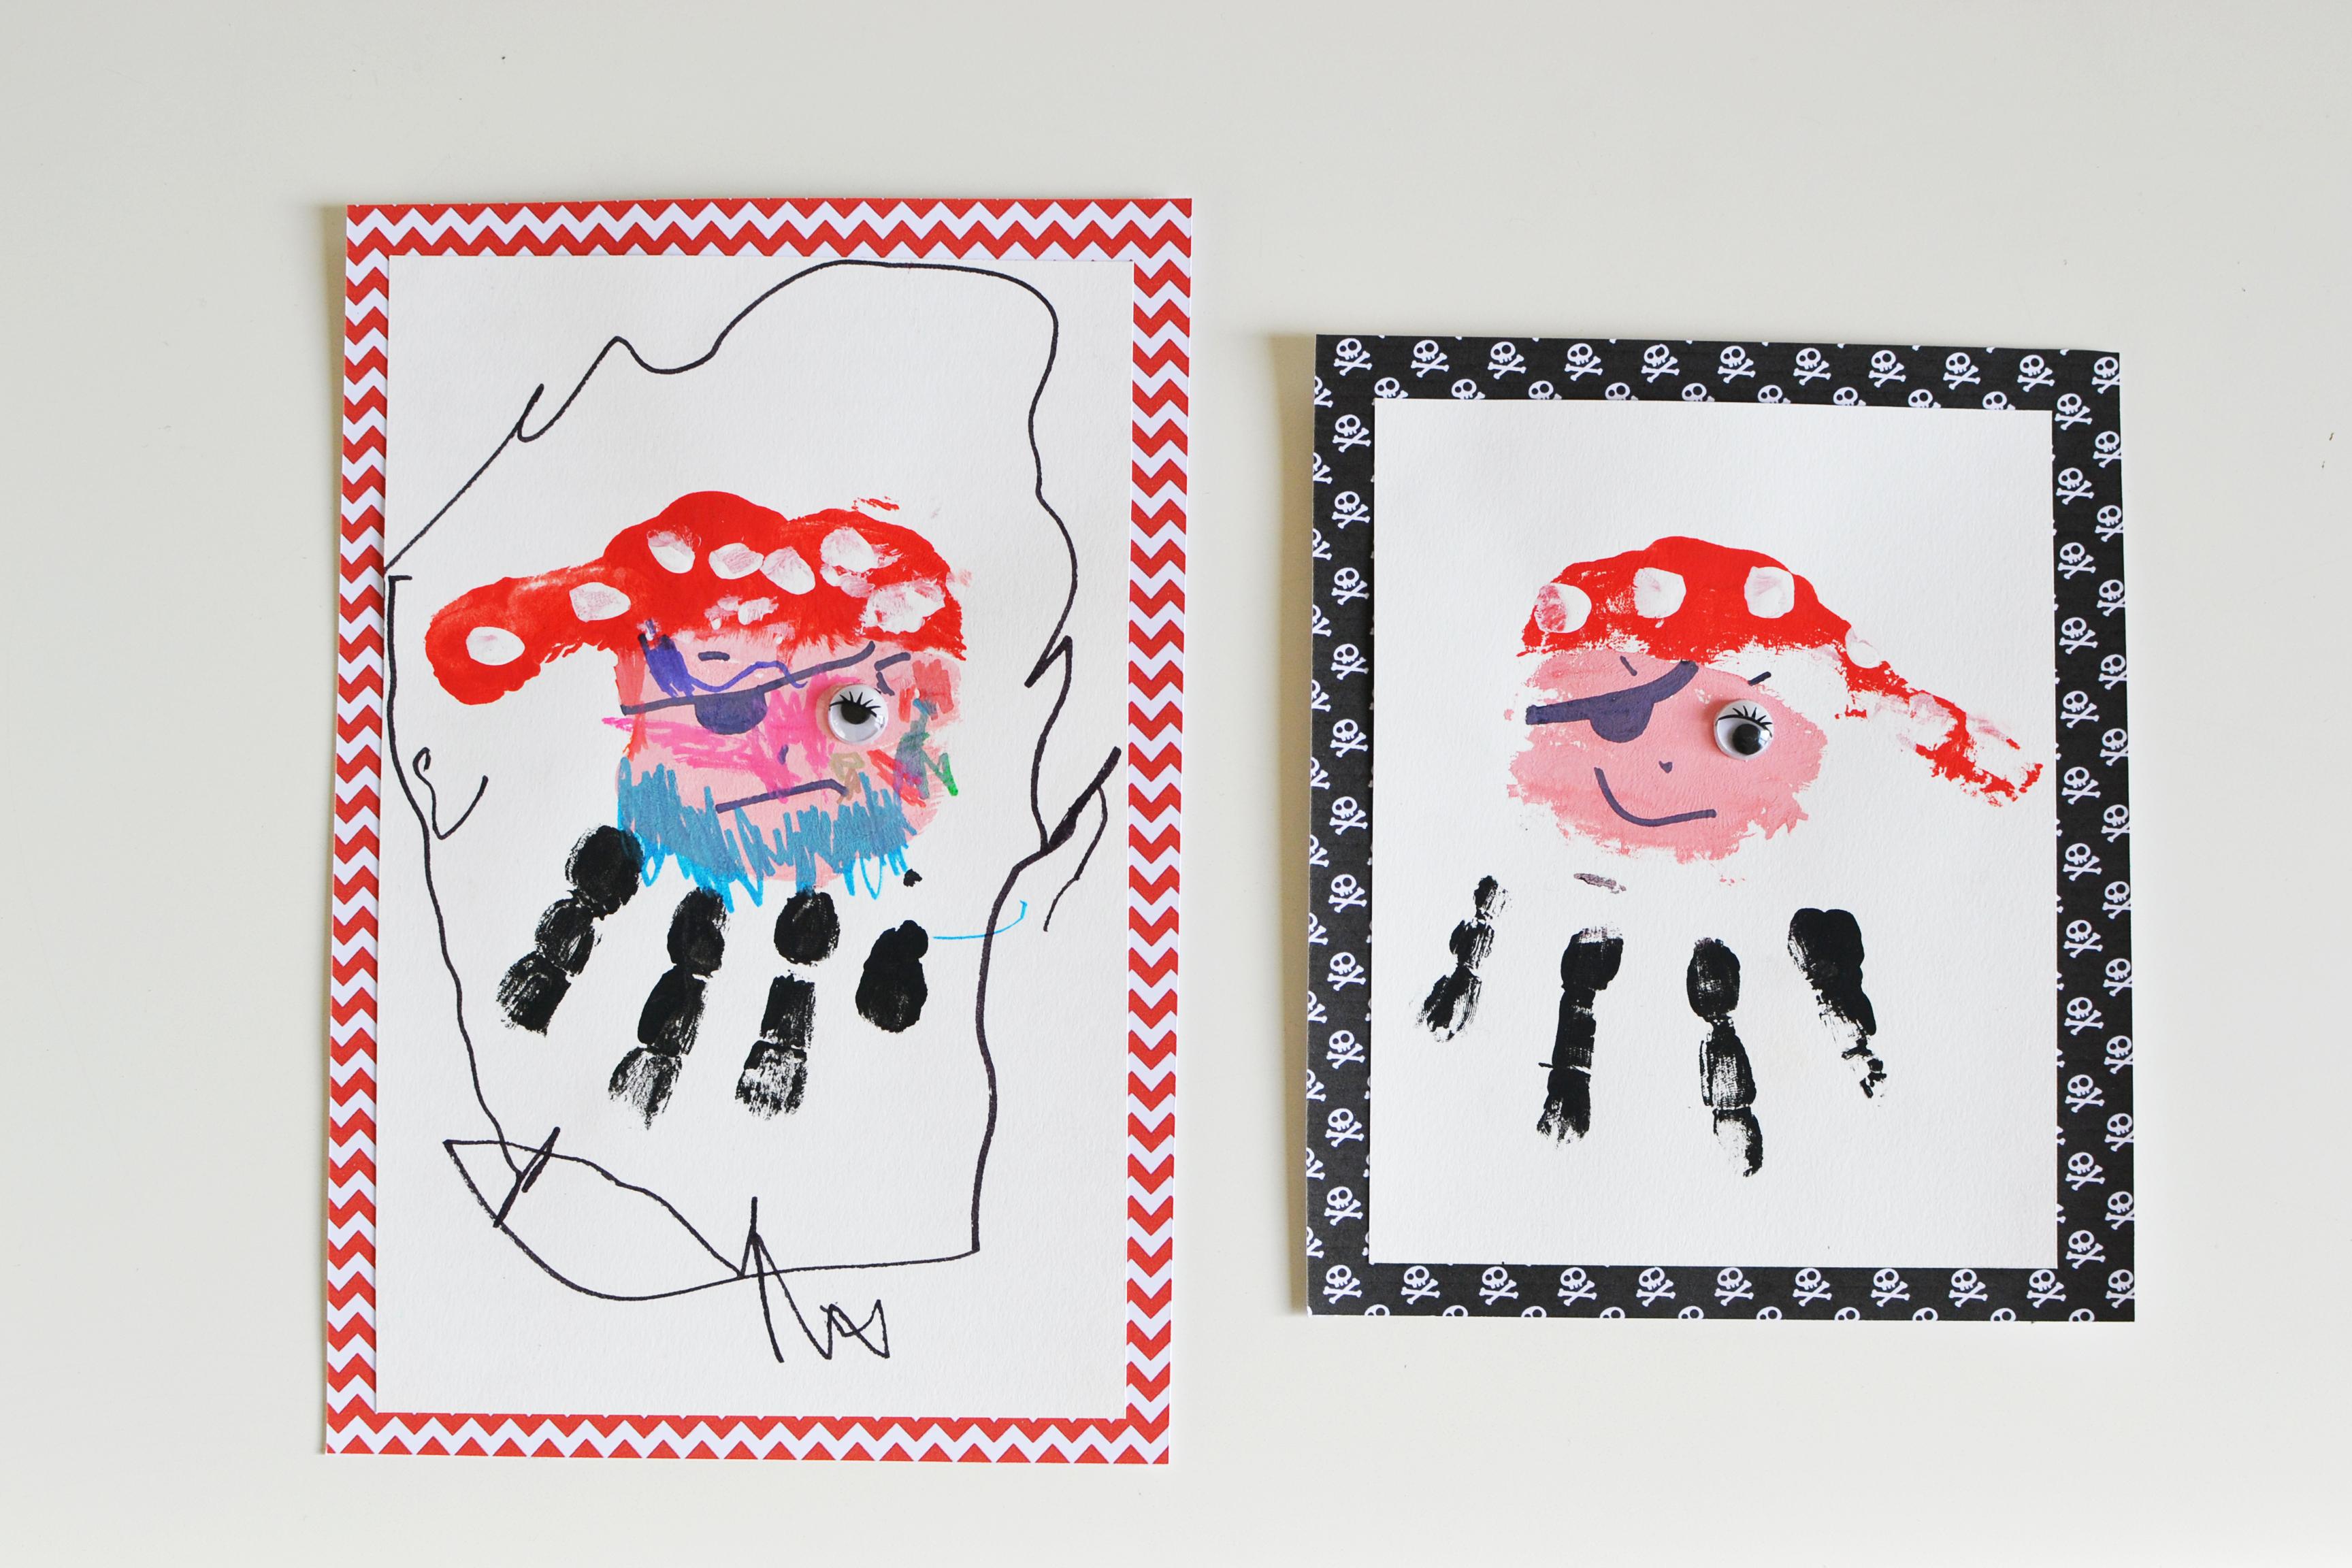 activite manuelle pirate pour un anniversaire - peinture